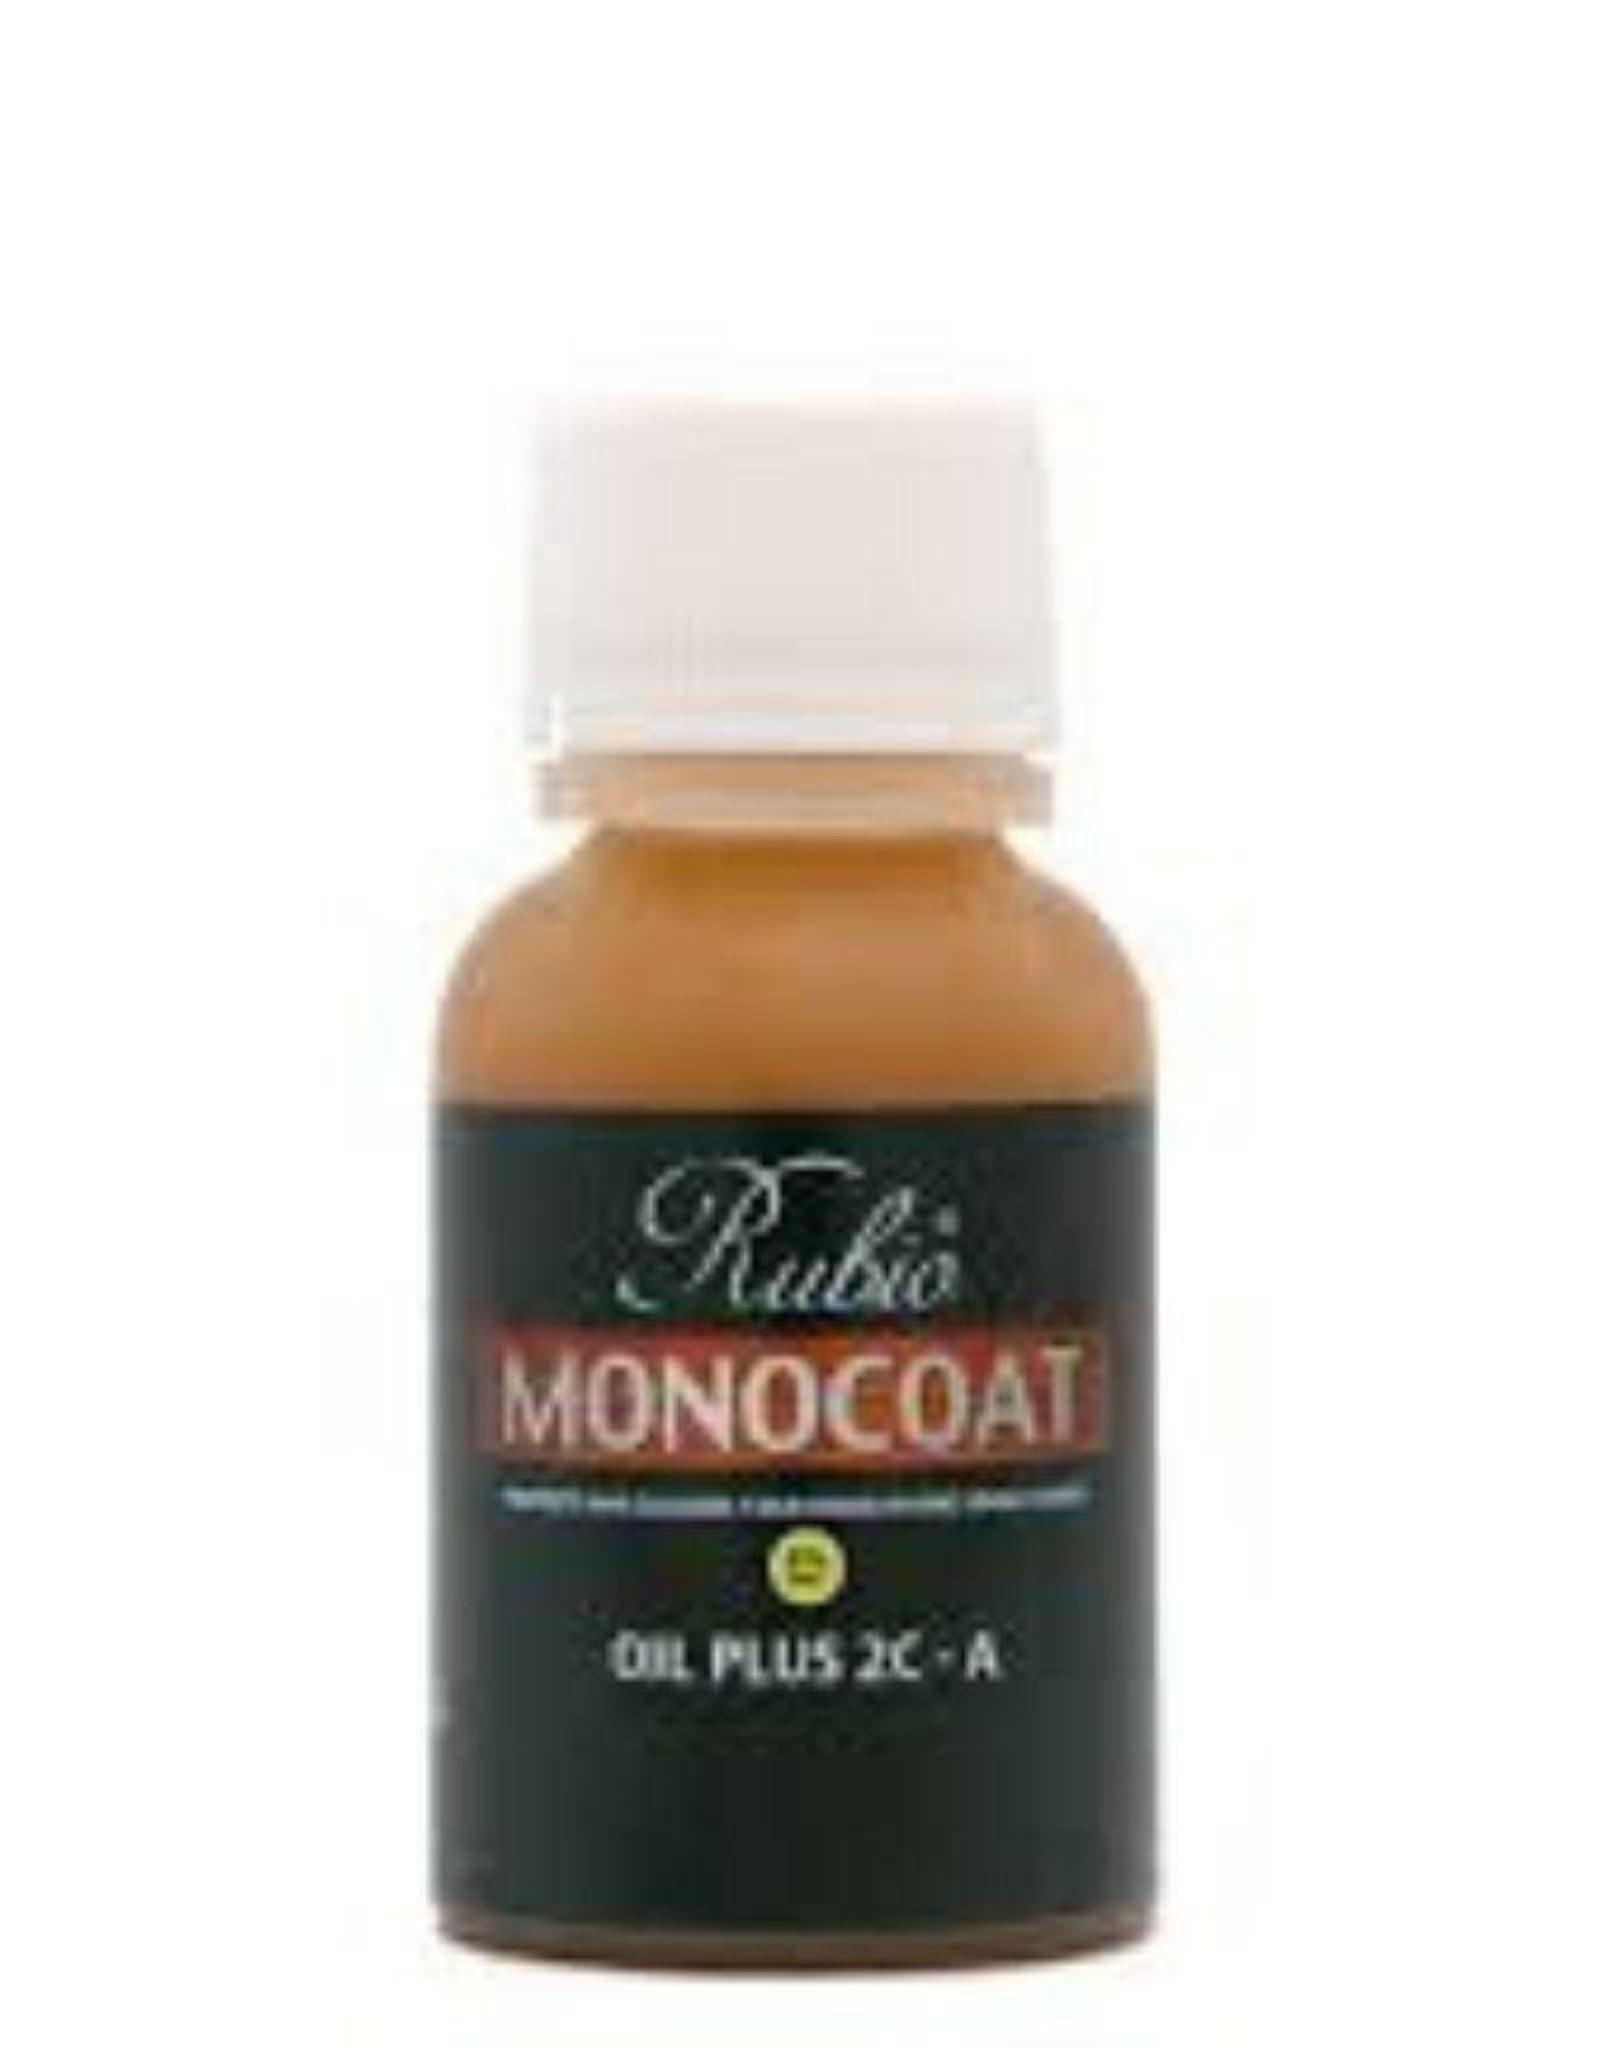 RUBIO MONOCOAT Oil Plus 2C Sample